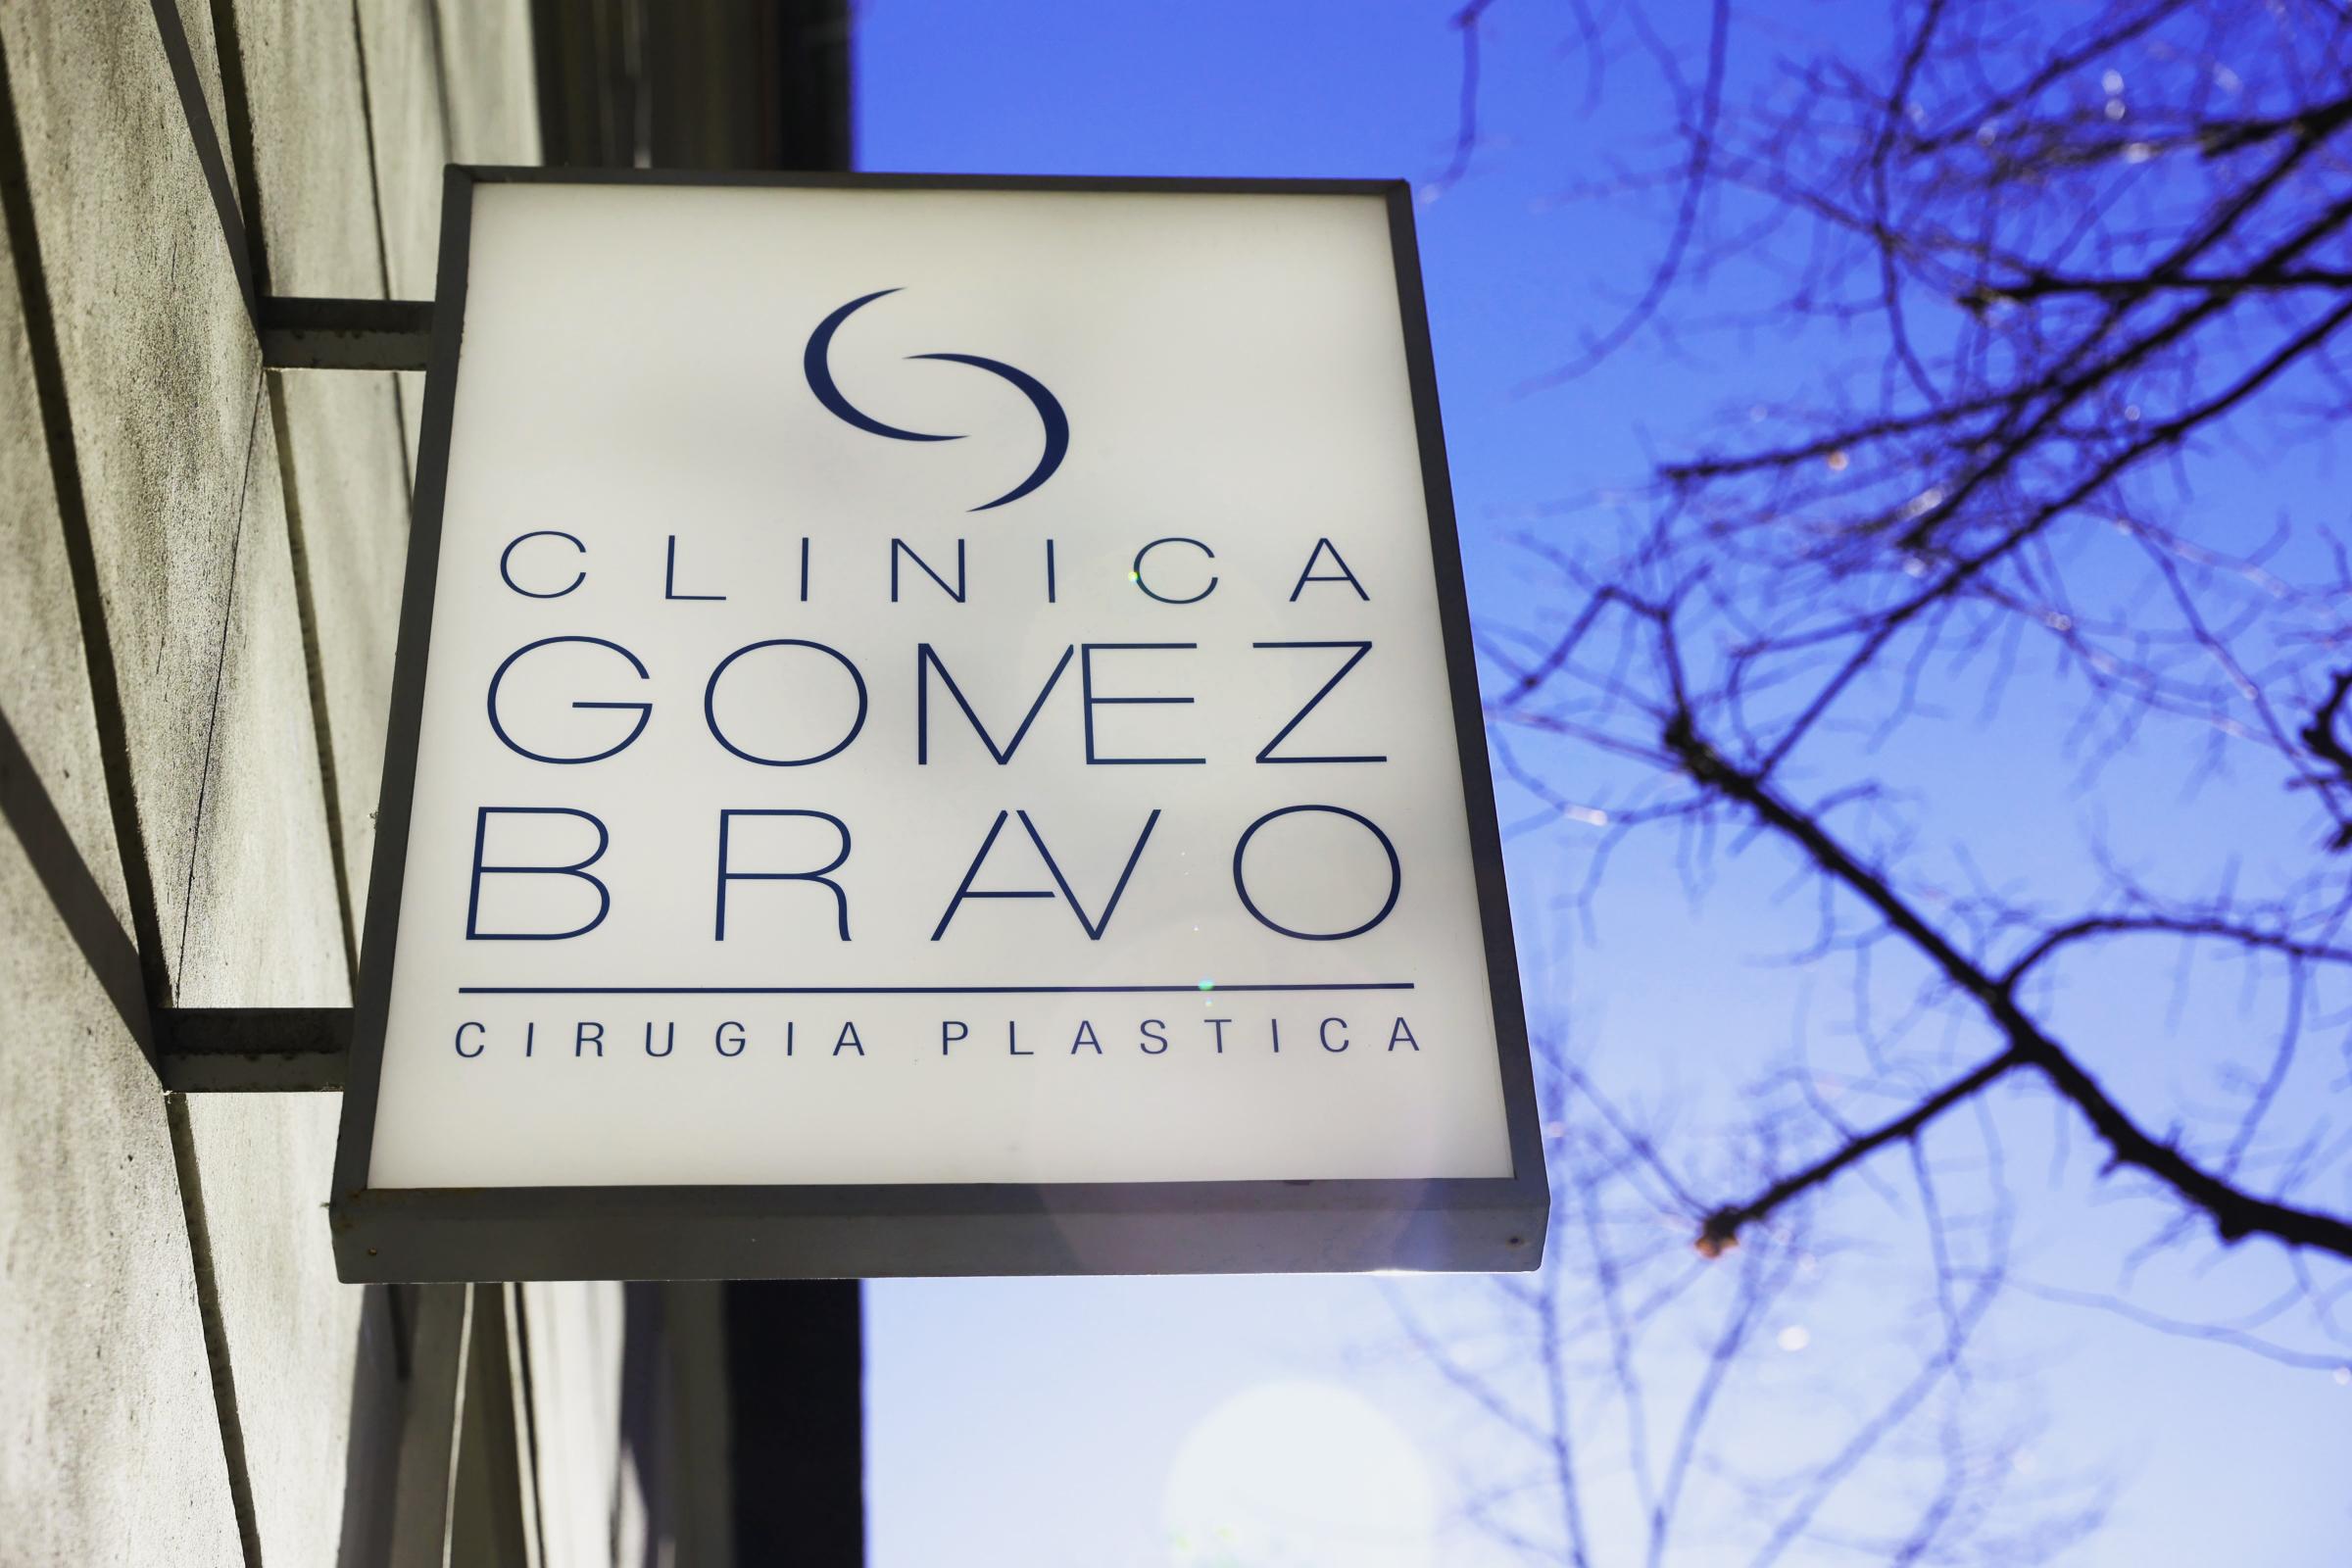 CLINICA GOMEZ BRAVO